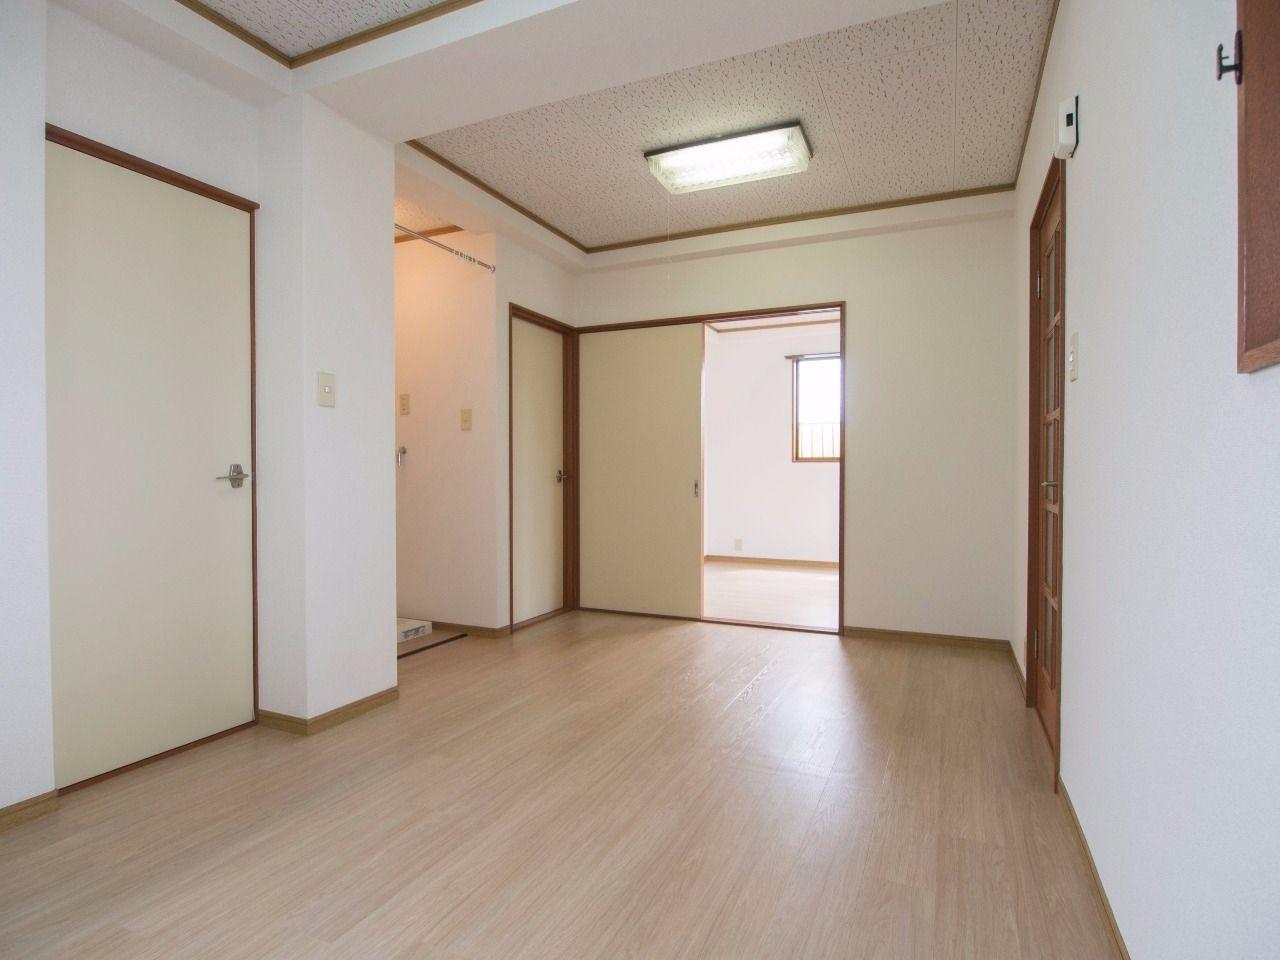 キッチン流し前から居室方向